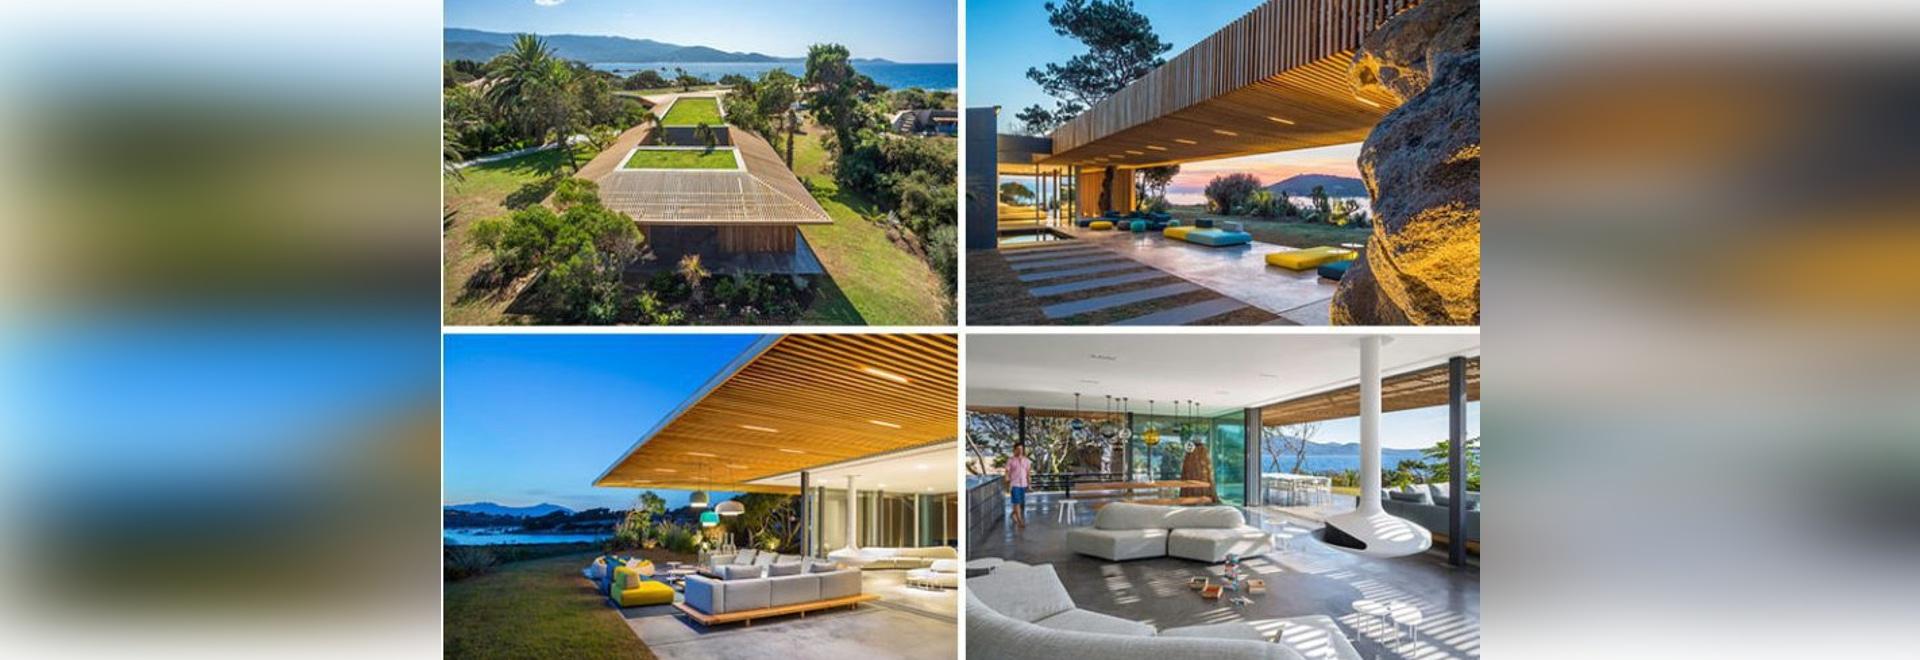 Questa casa Mediterranea moderna permette che la brezza dell'oceano passi giusto attraverso